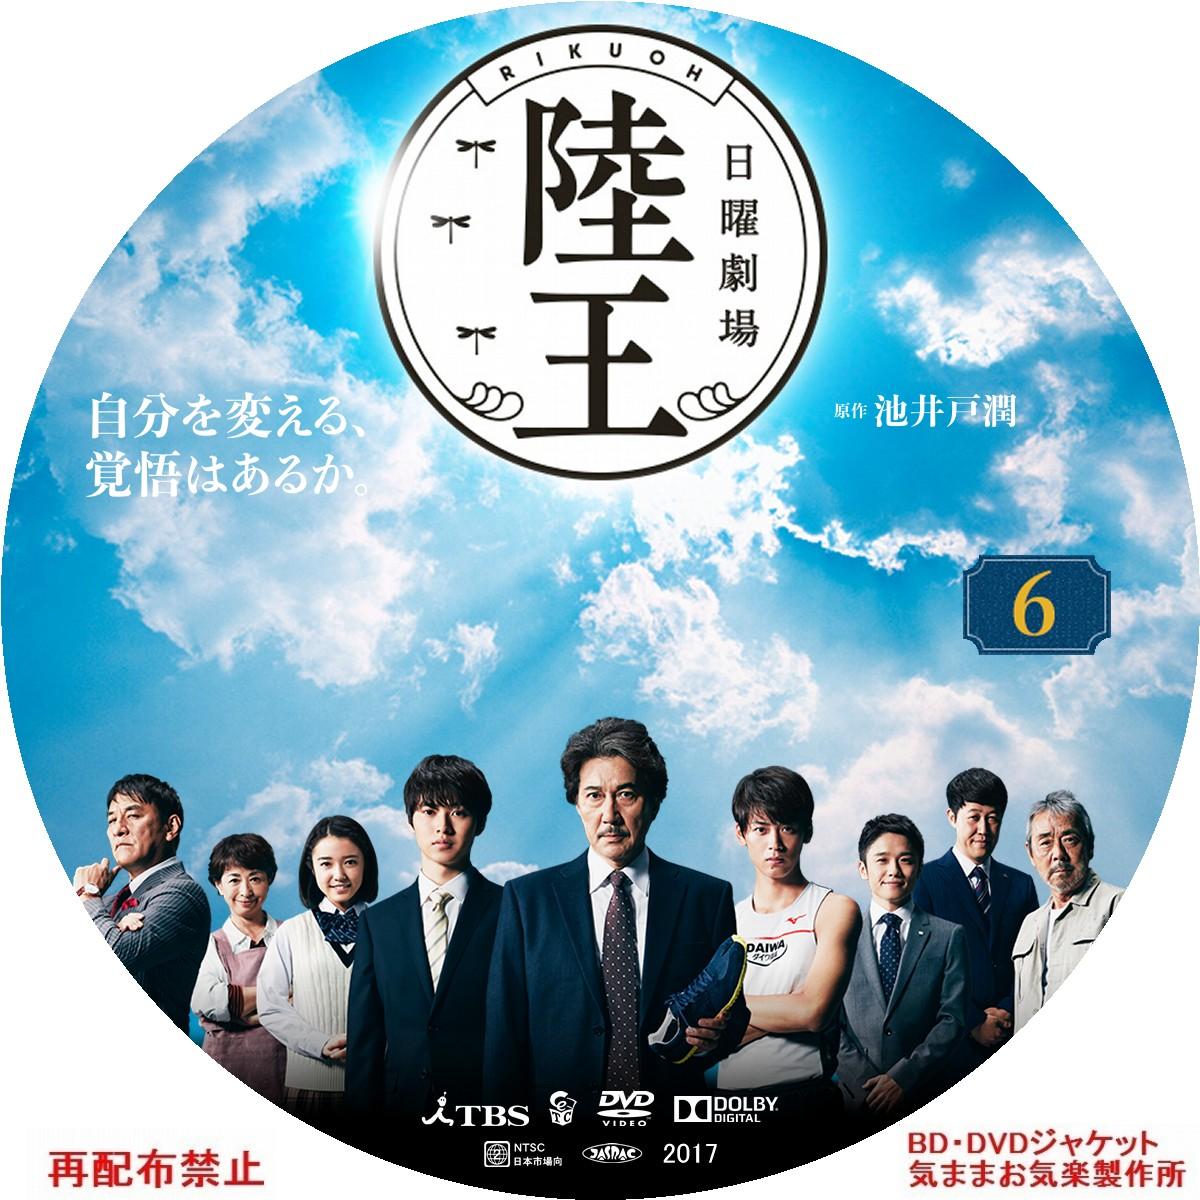 rikuou_DVD06.jpg